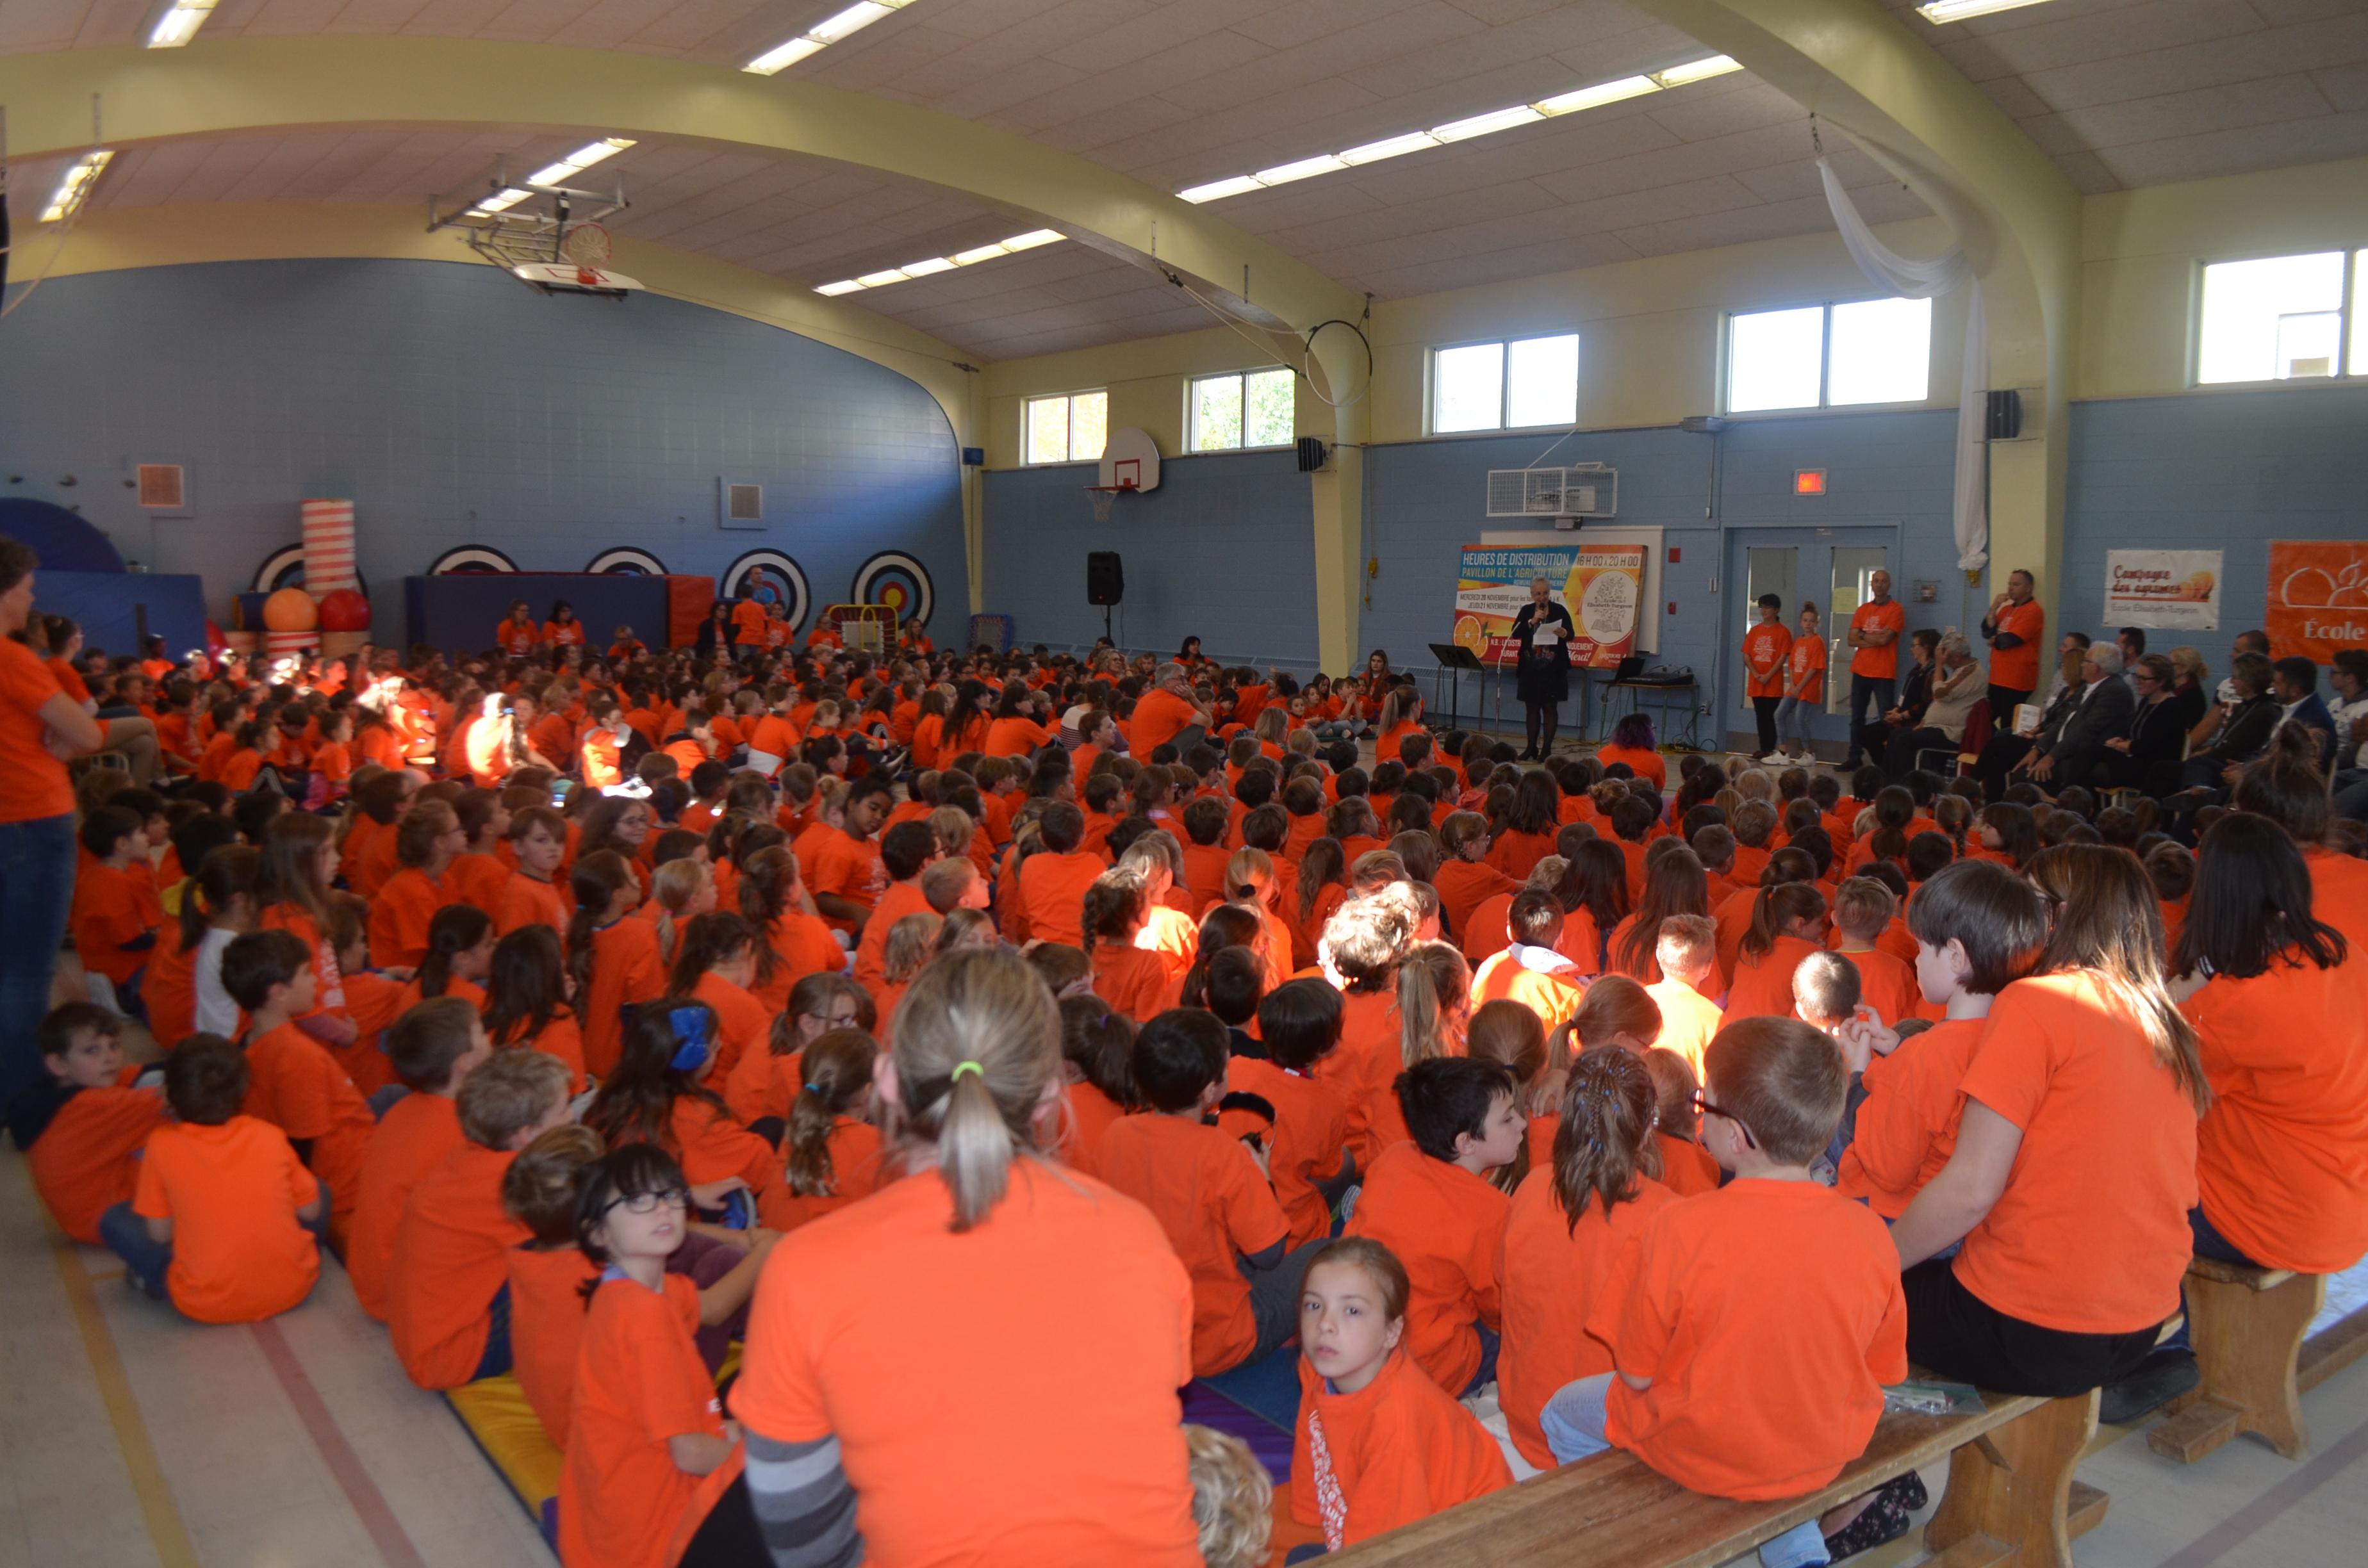 Près de 580 étudiants fréquentent cette école primaire à Rimouski.